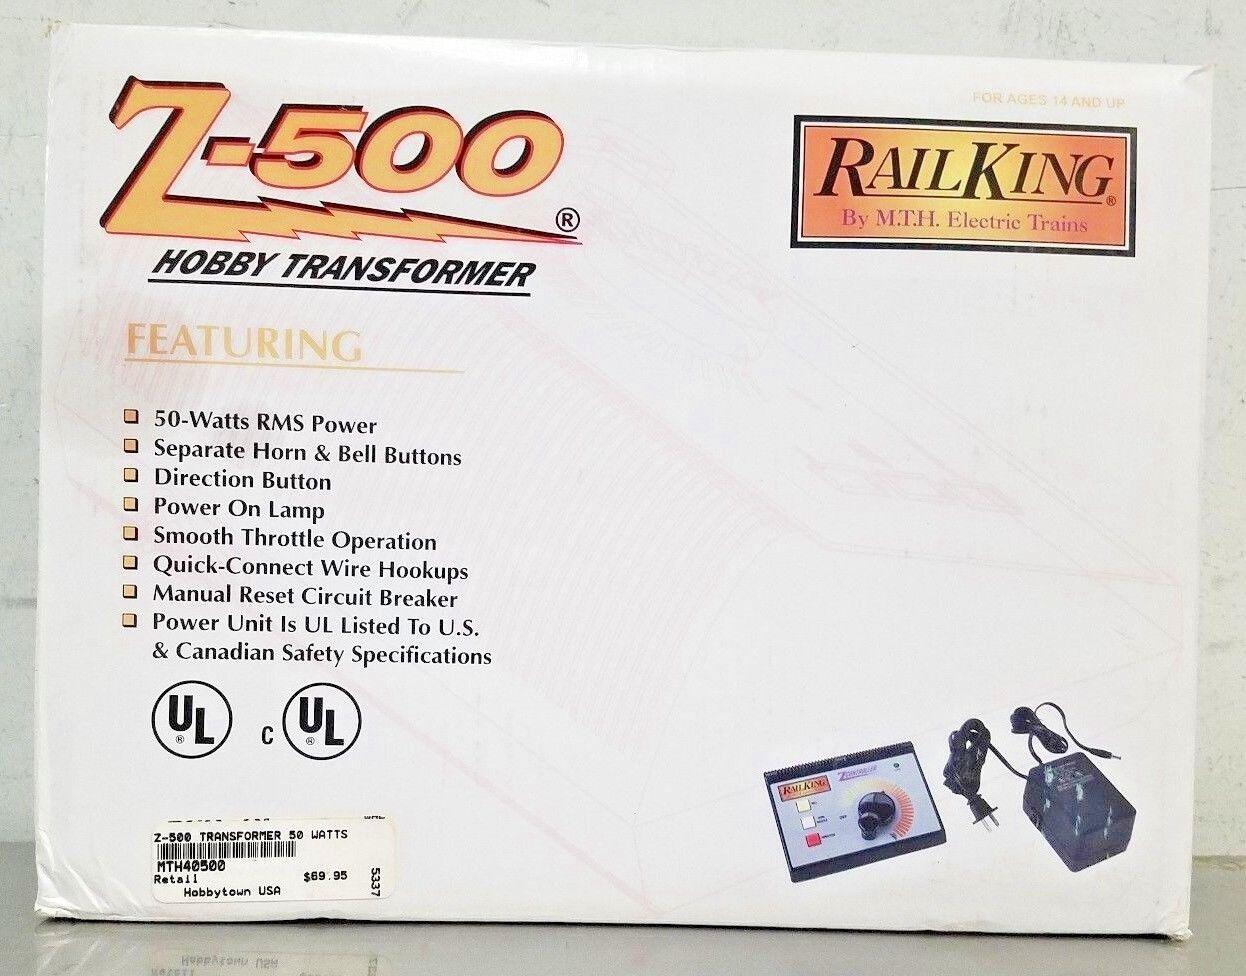 Mejor precio MTH MTH MTH rail king Z-500 Hobby Modelo RR tren Transformador de 50 vatios Rms Power 40500  deportes calientes